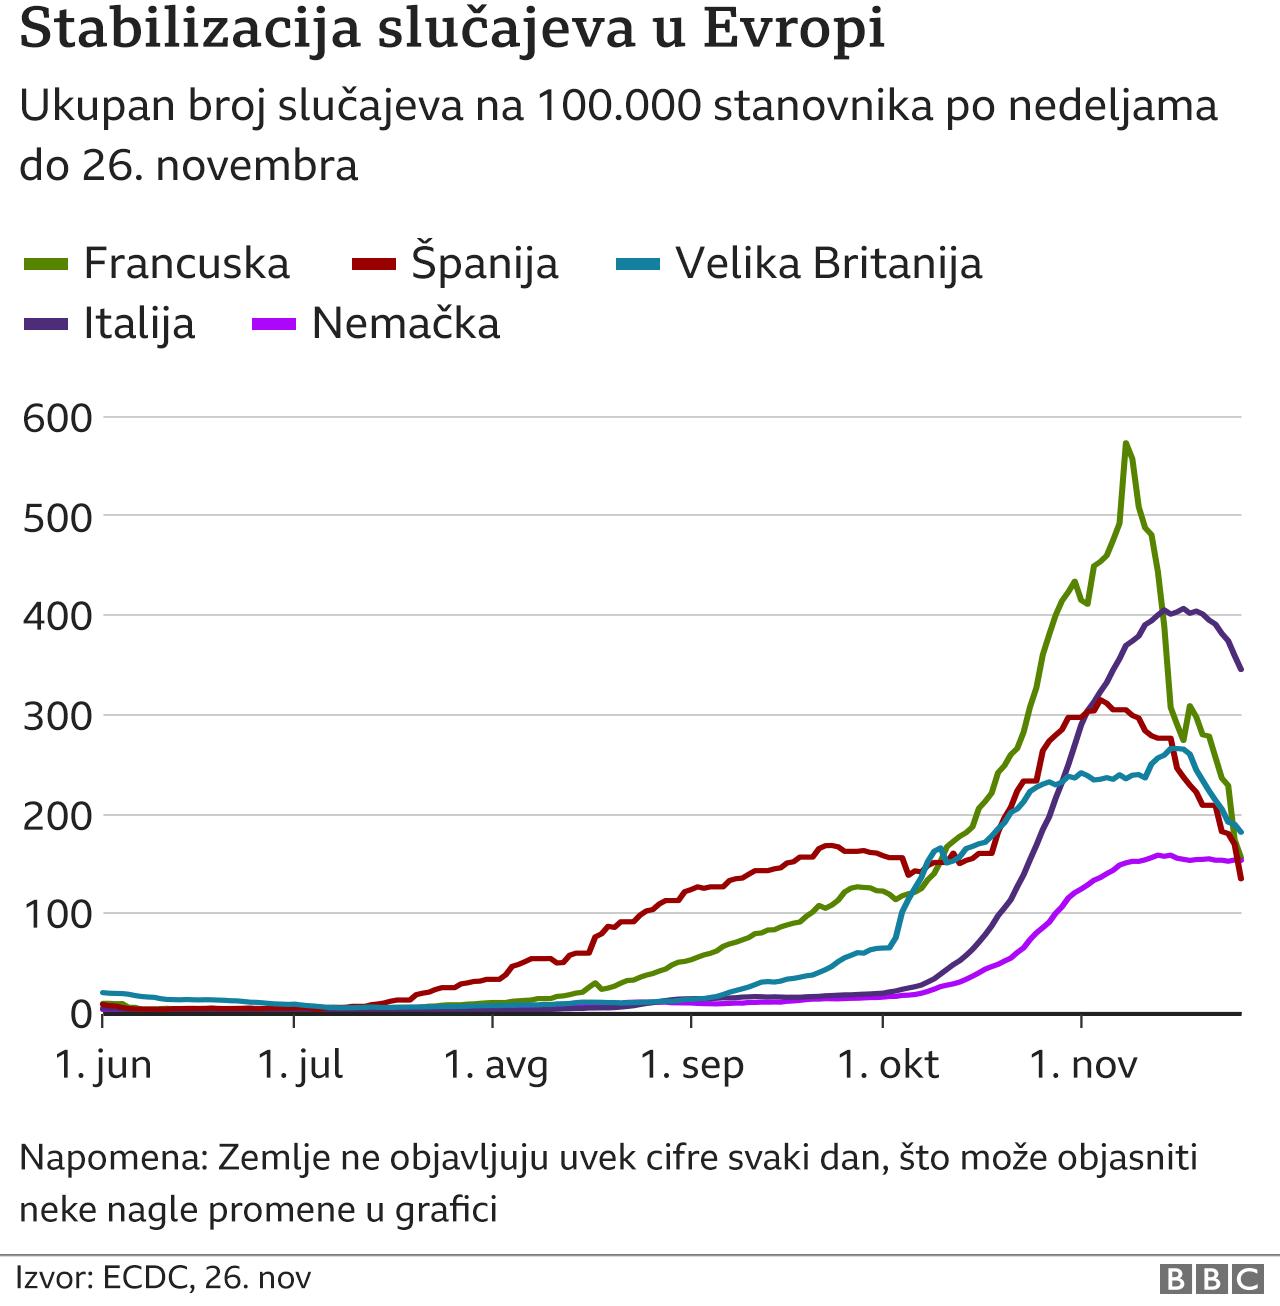 Broj slučajeva u pojedinim evropskim državama, podaci od 27. novembra 2020